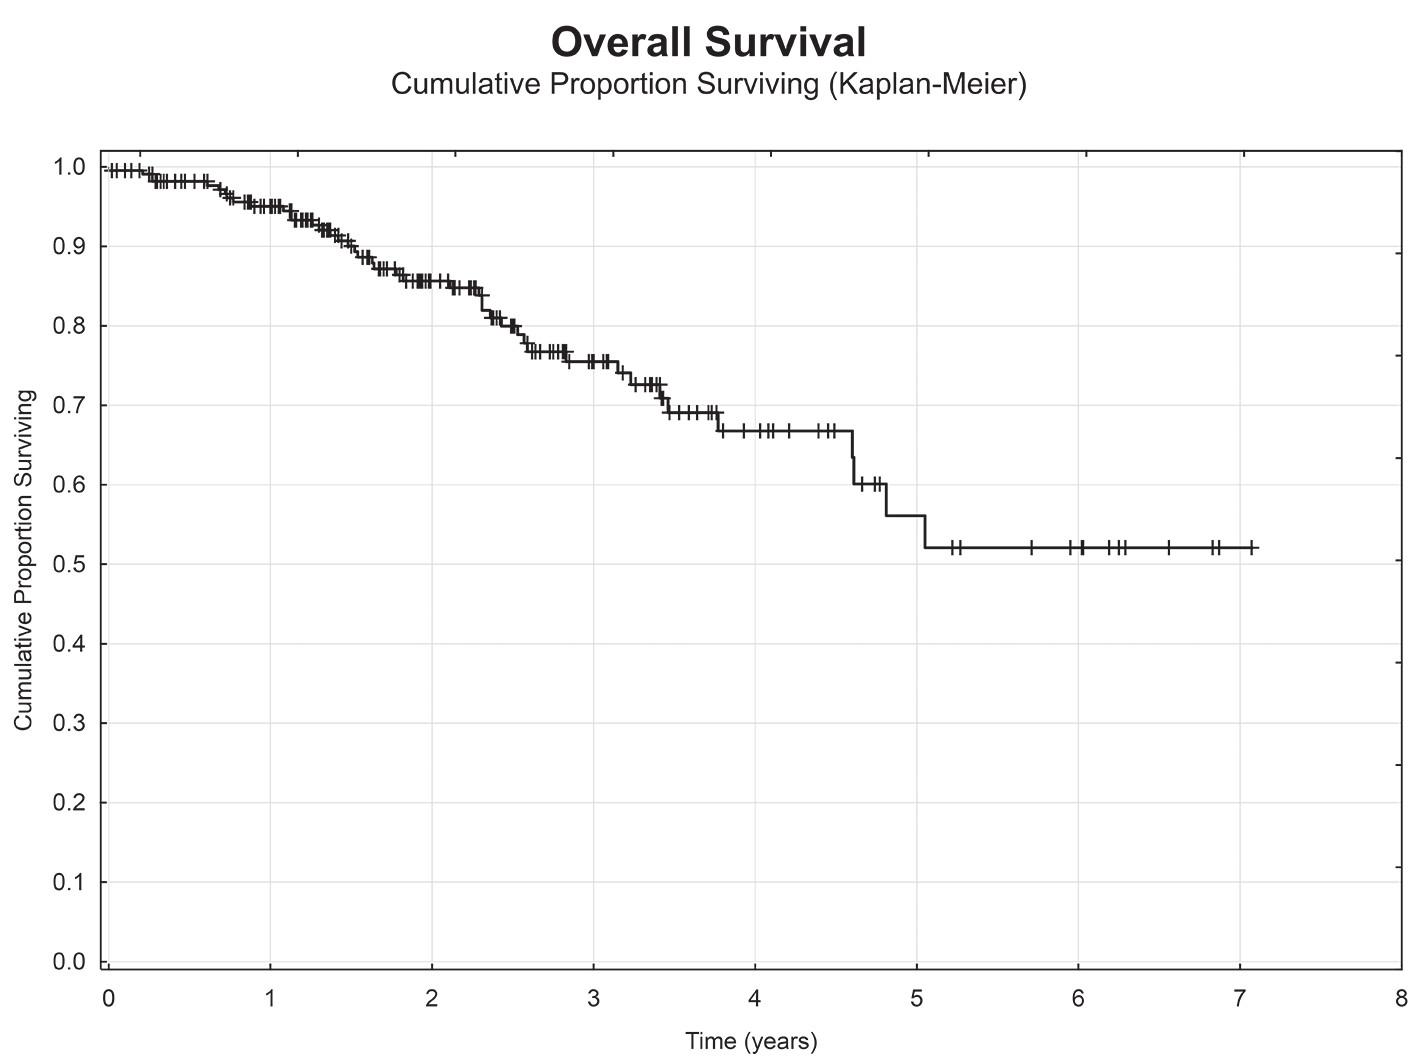 Celkové přežití nemocných Graph 1: Overal survival of the patients